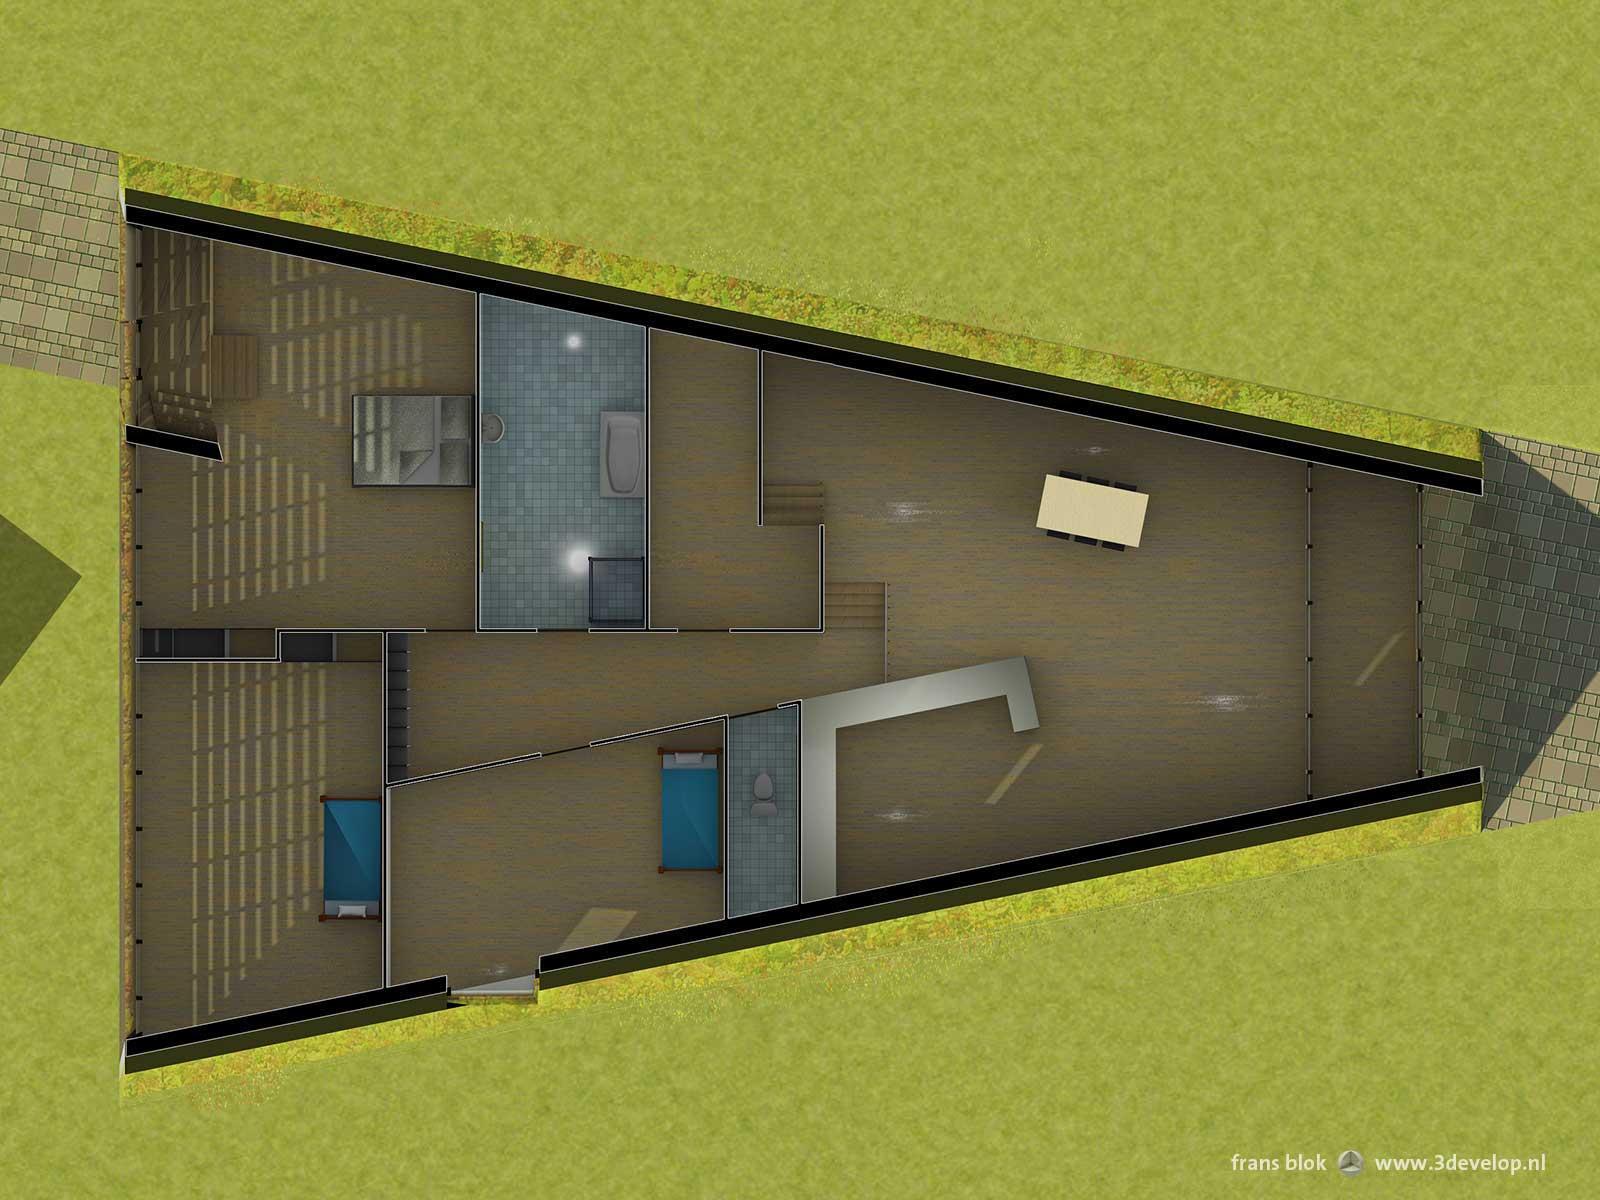 Opengewerkt bovenaanzicht van de Groene Piramide in Borne, een radicaal duurzame woning, met zicht op keuken, slaapkamers en sanitair